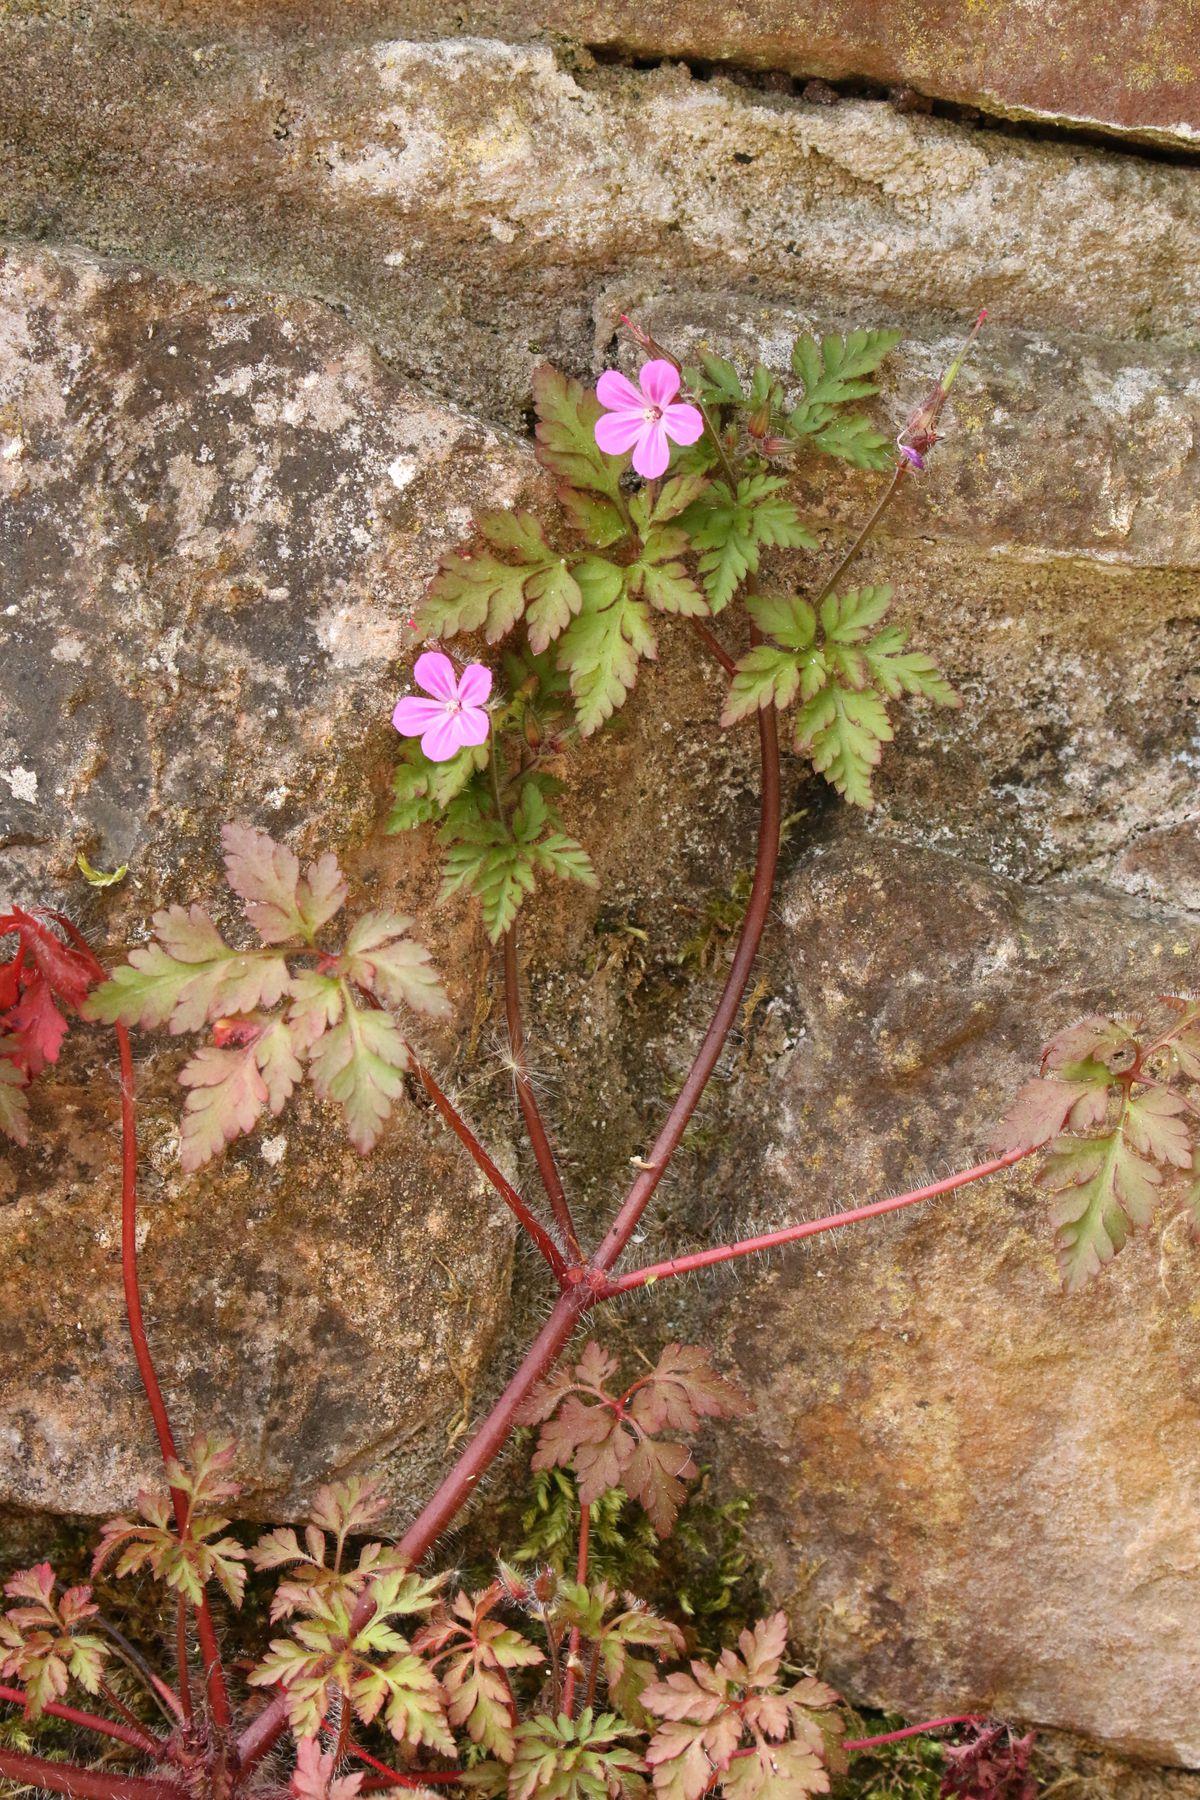 Herb Robert is a species of geranium.